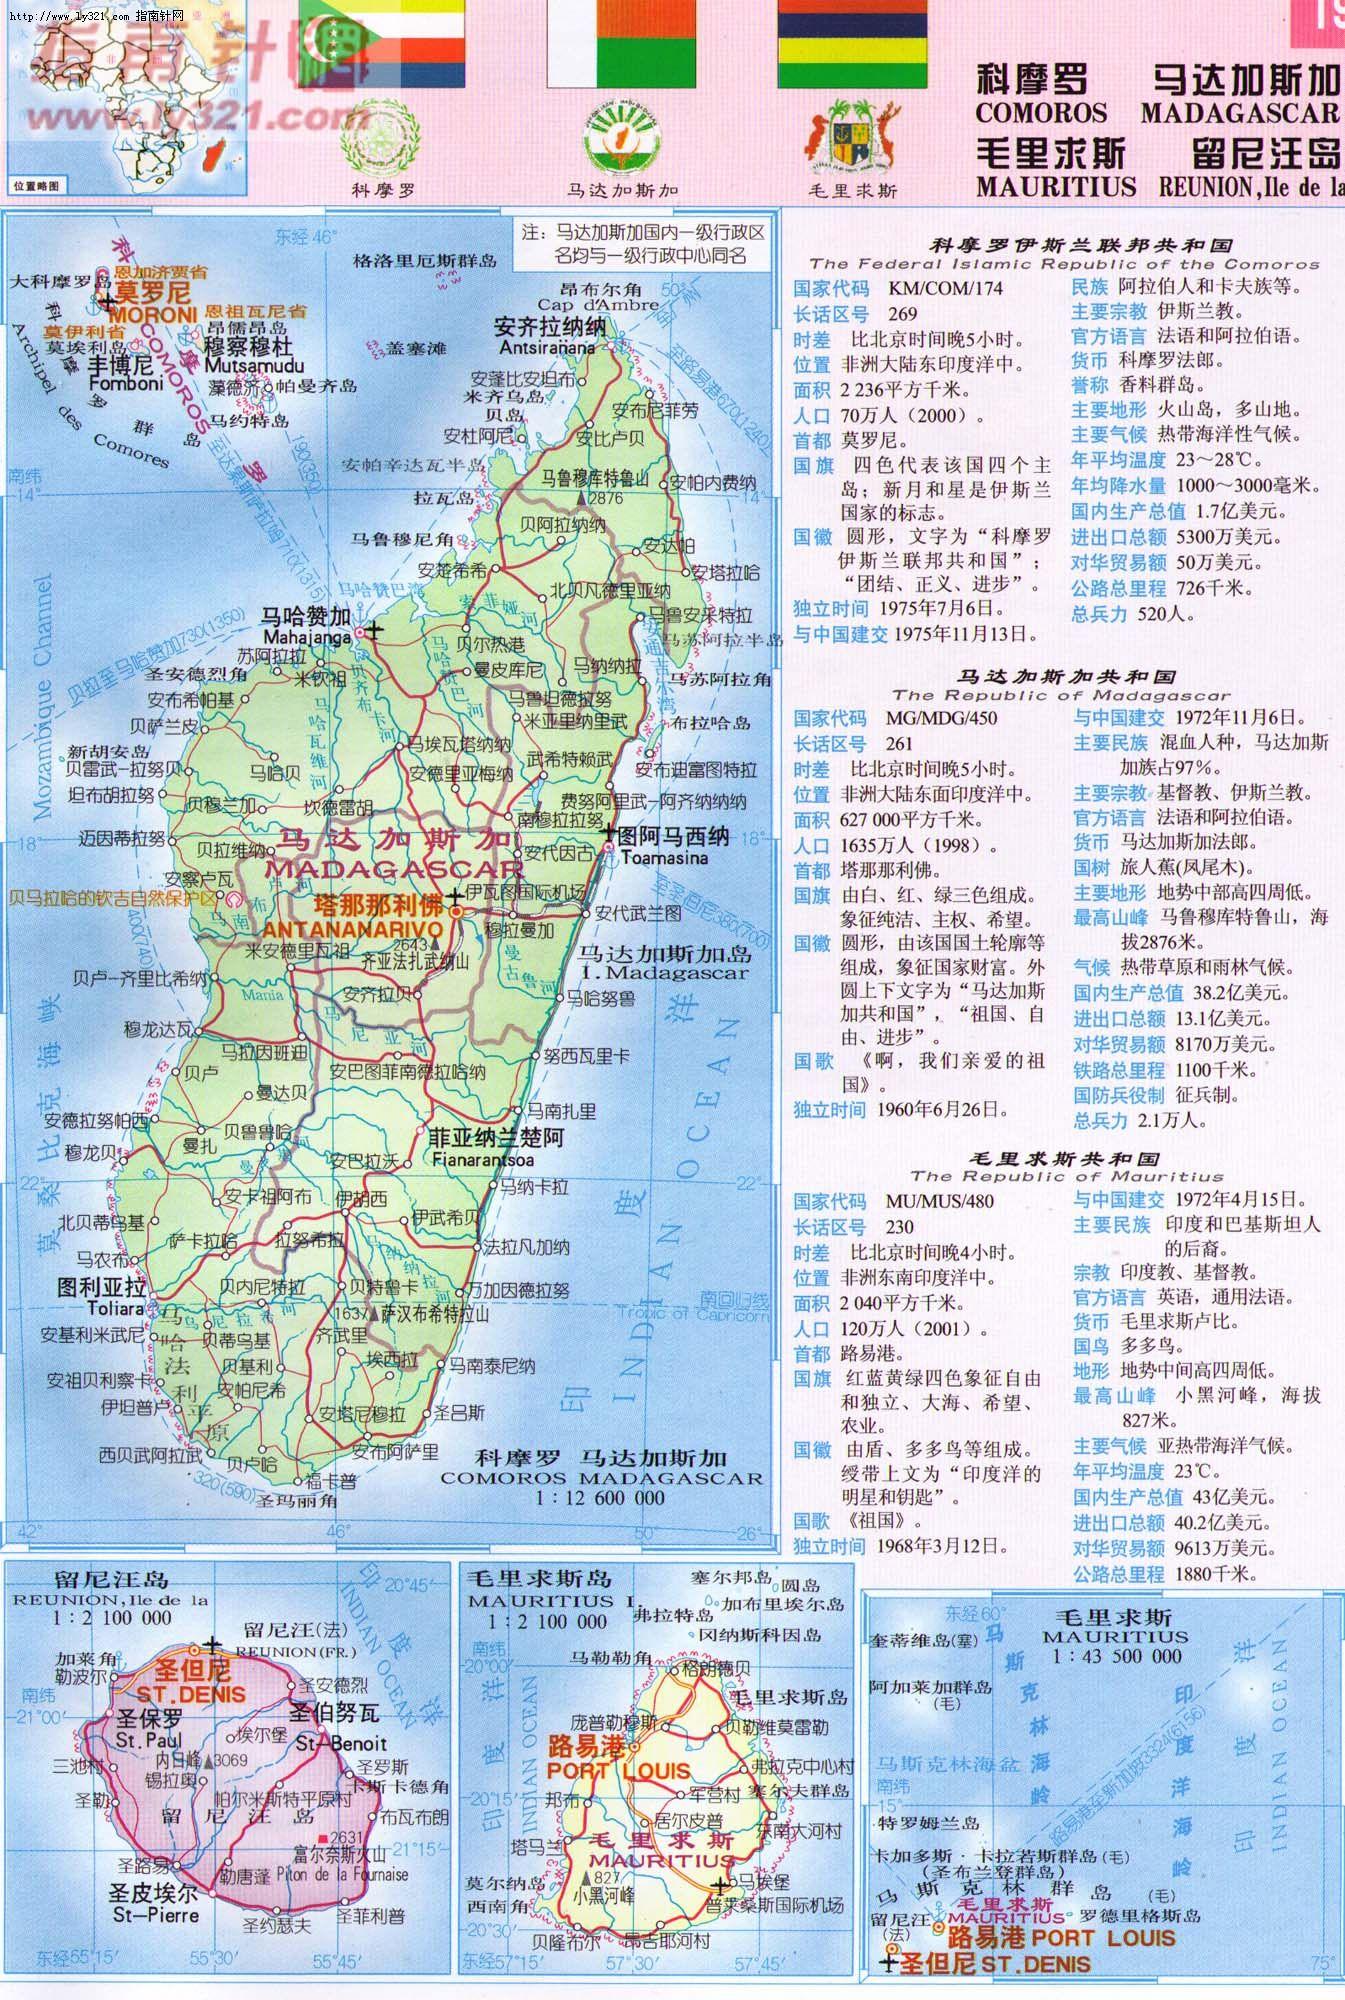 马达加斯加地图_马达加斯加地图库